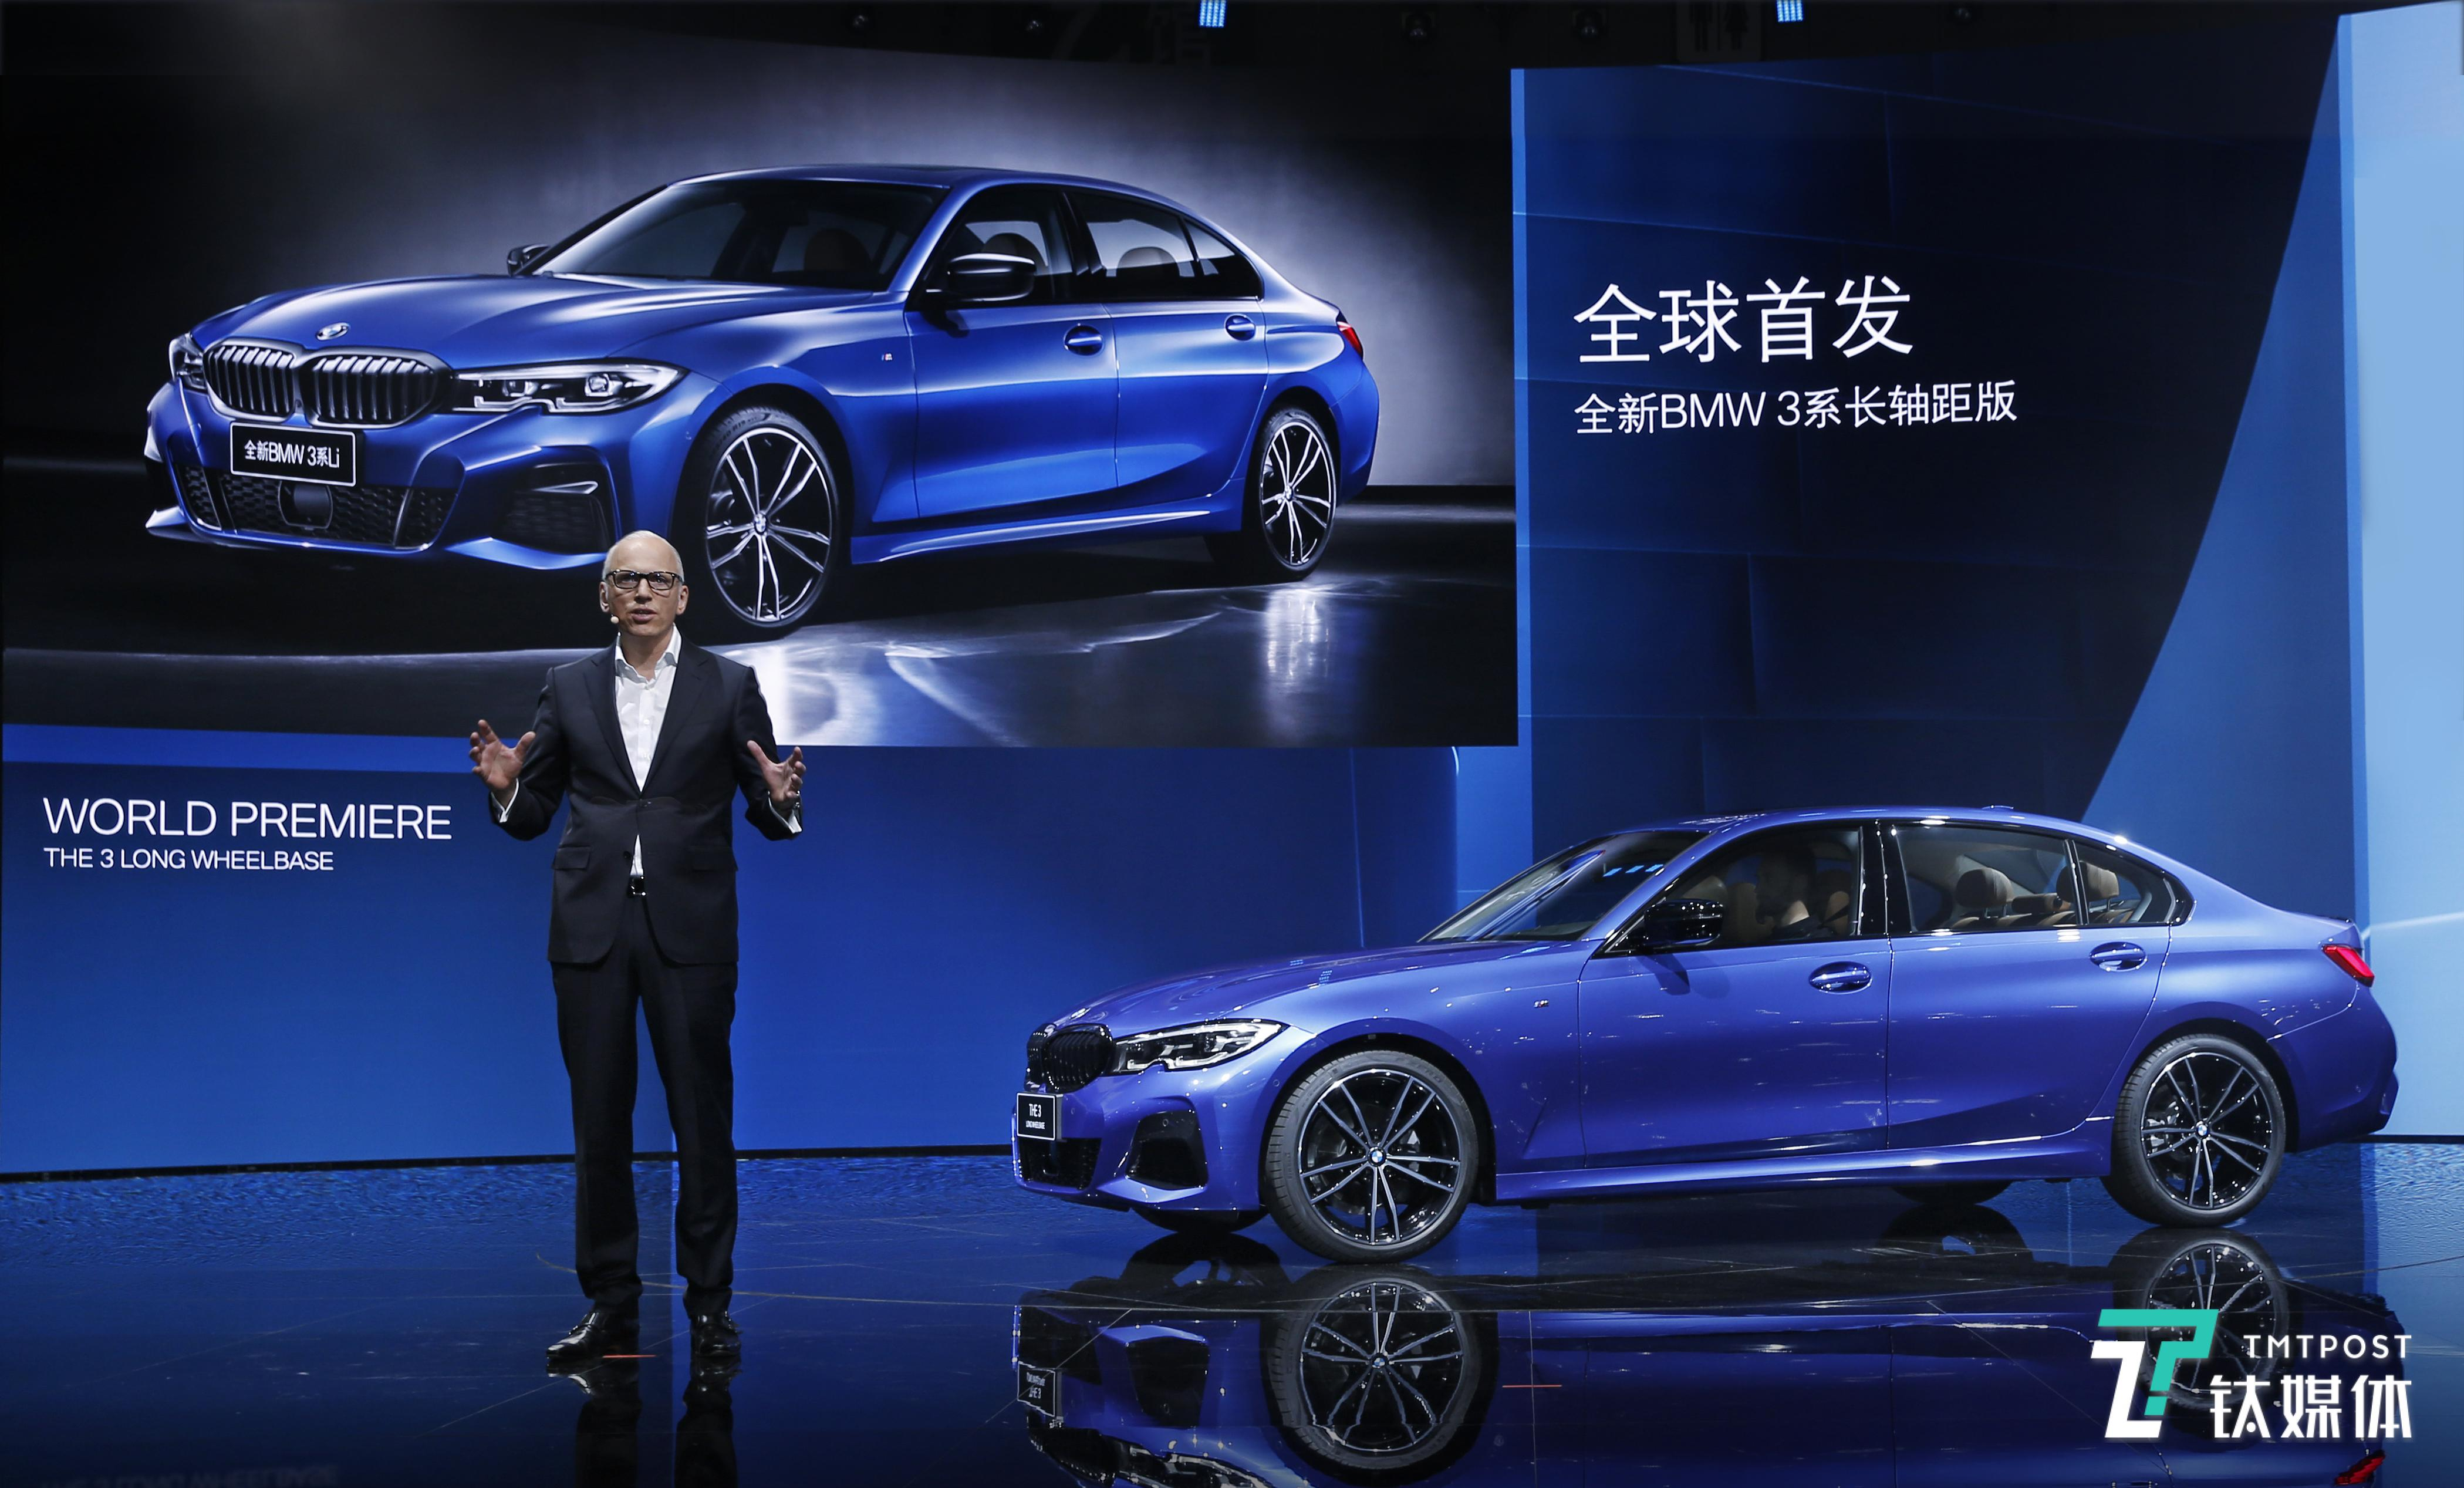 全新BMW 3系进化到第七代,如今终于登陆中国市场 | 一线车讯